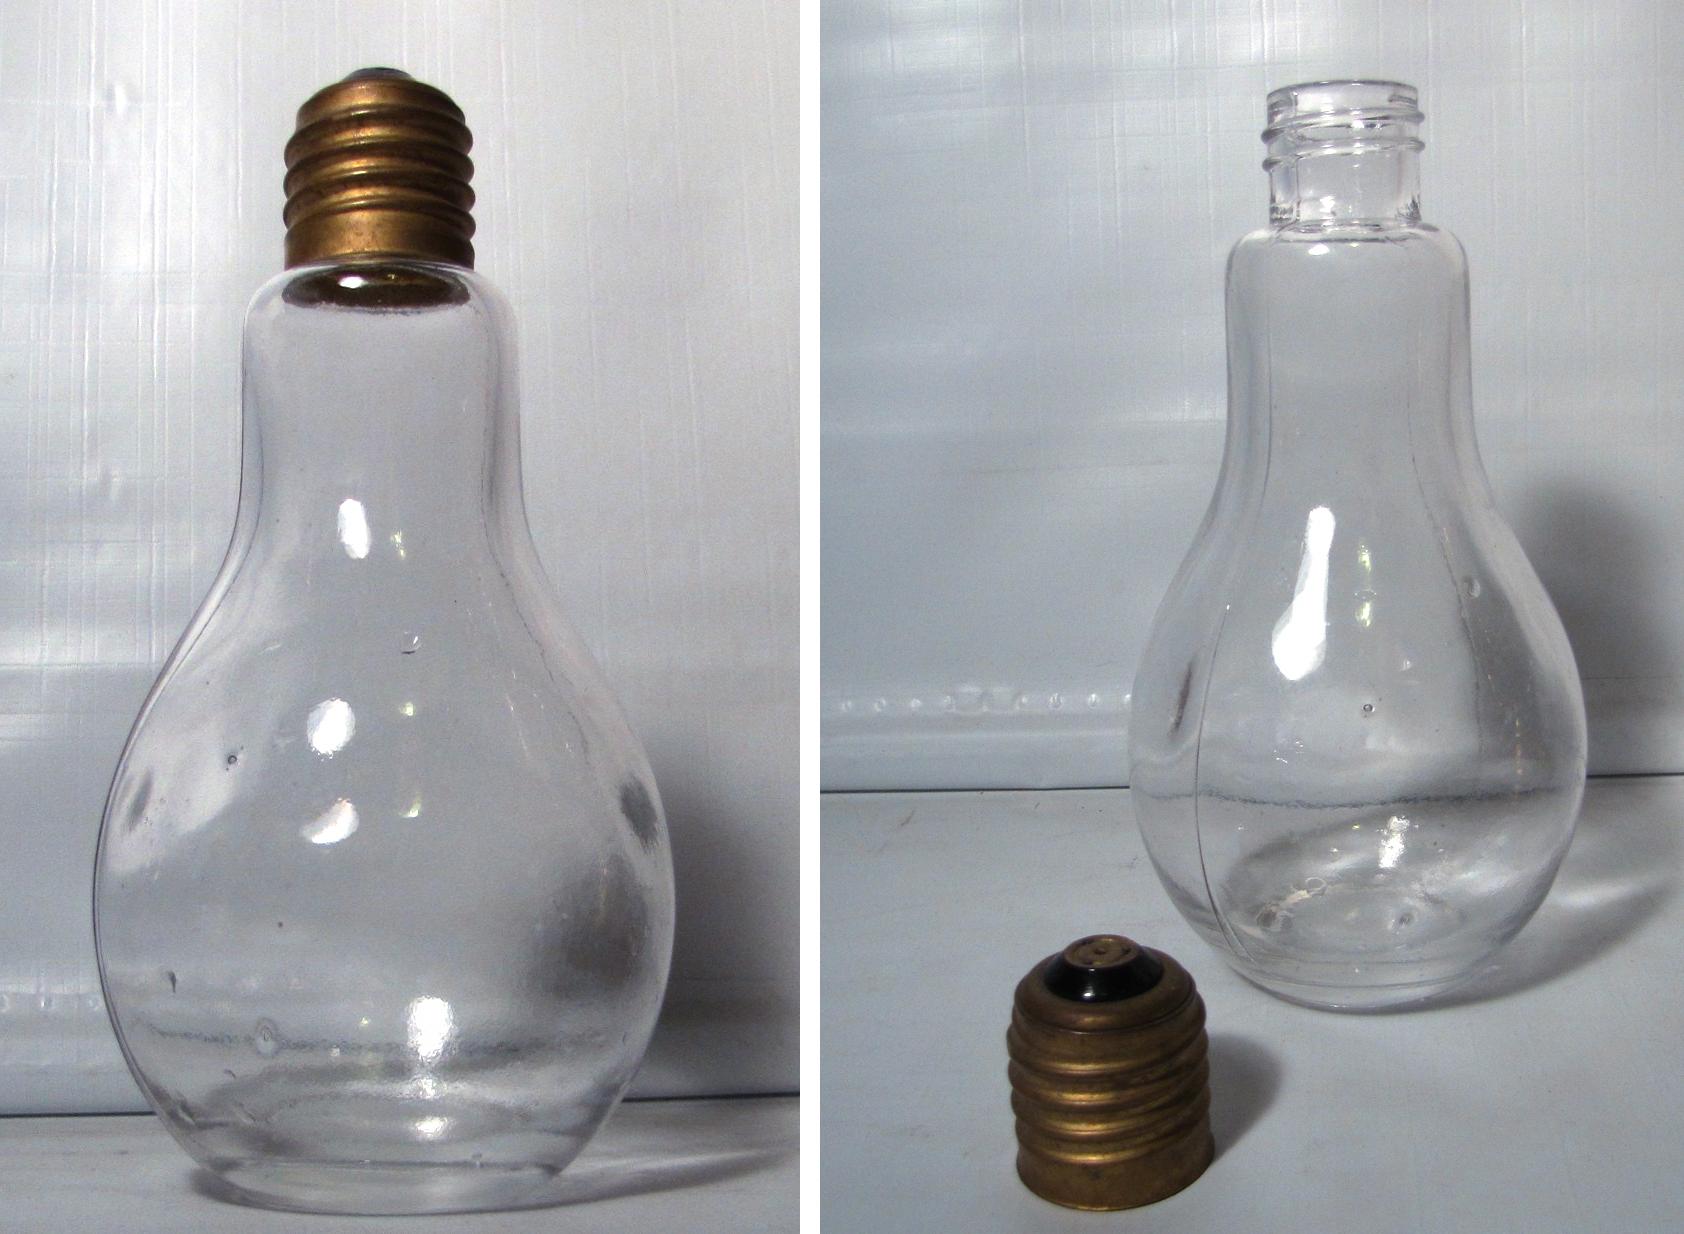 LightBulbOpenClosed